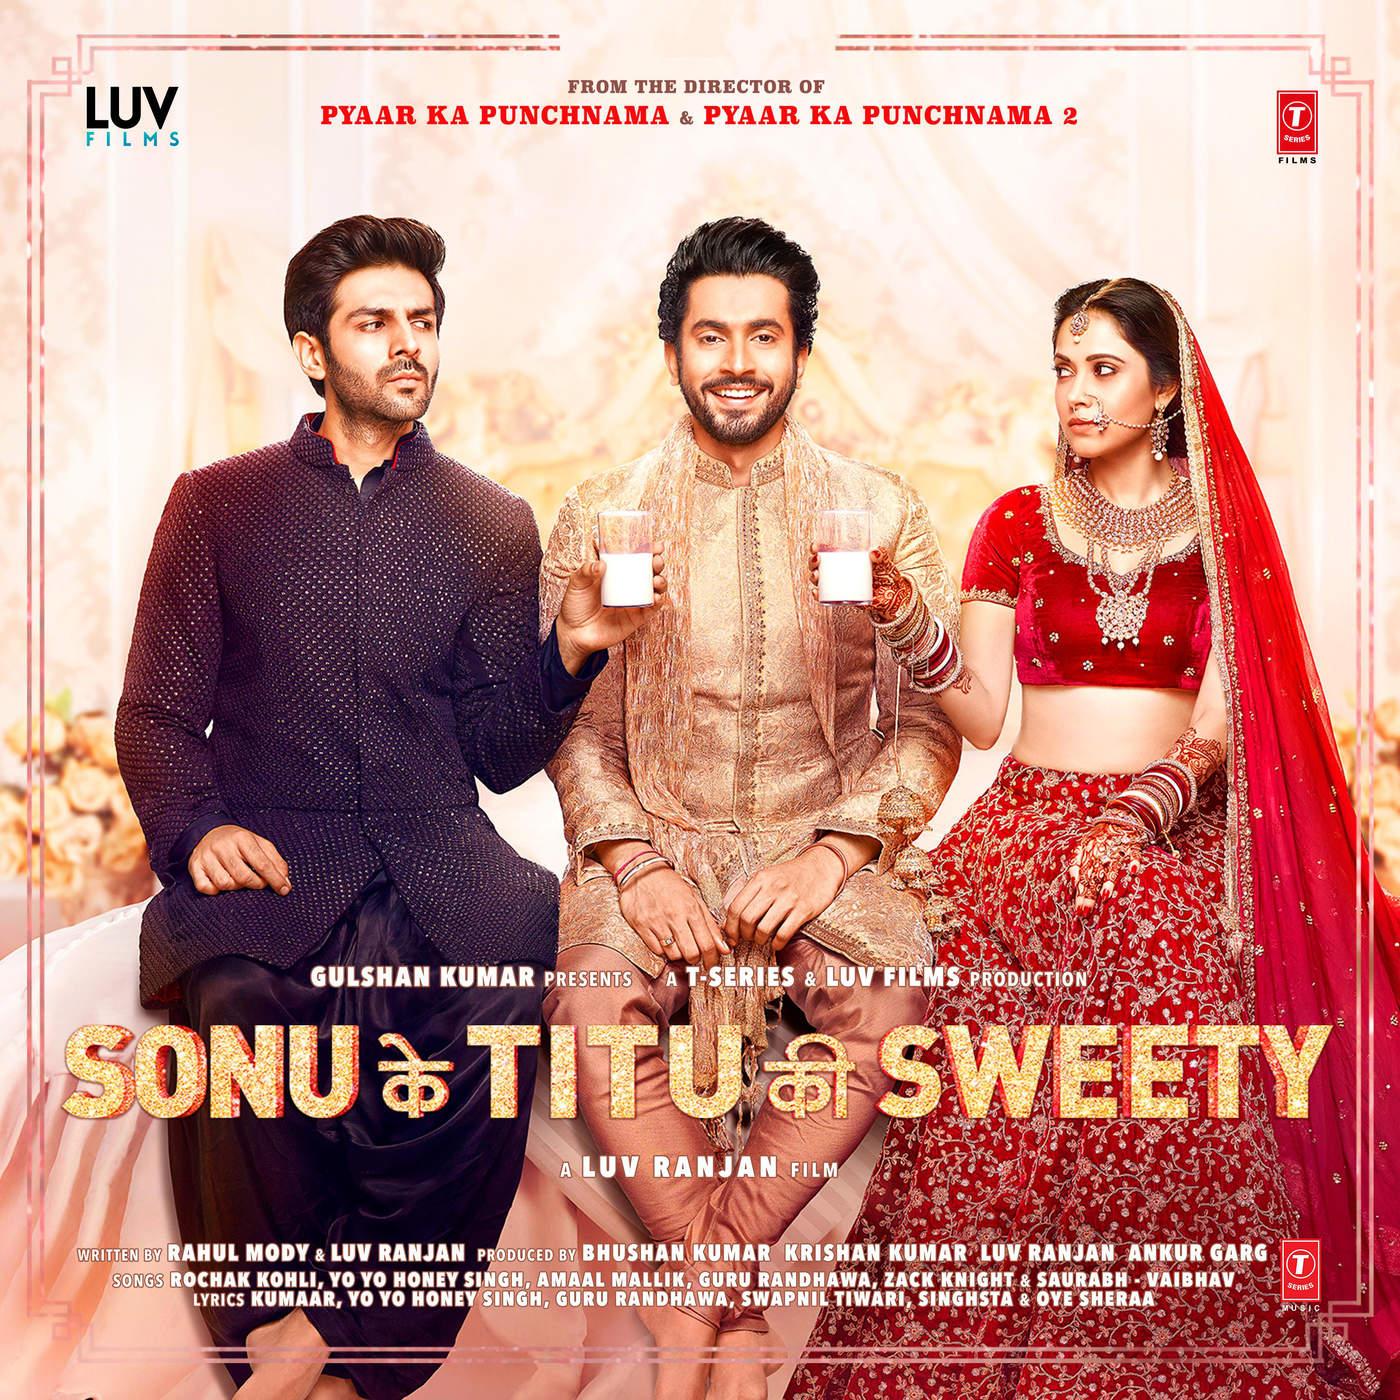 Sonu Ke Titu Ki Sweety : A New Sweet Comedy Movie - HitBrother